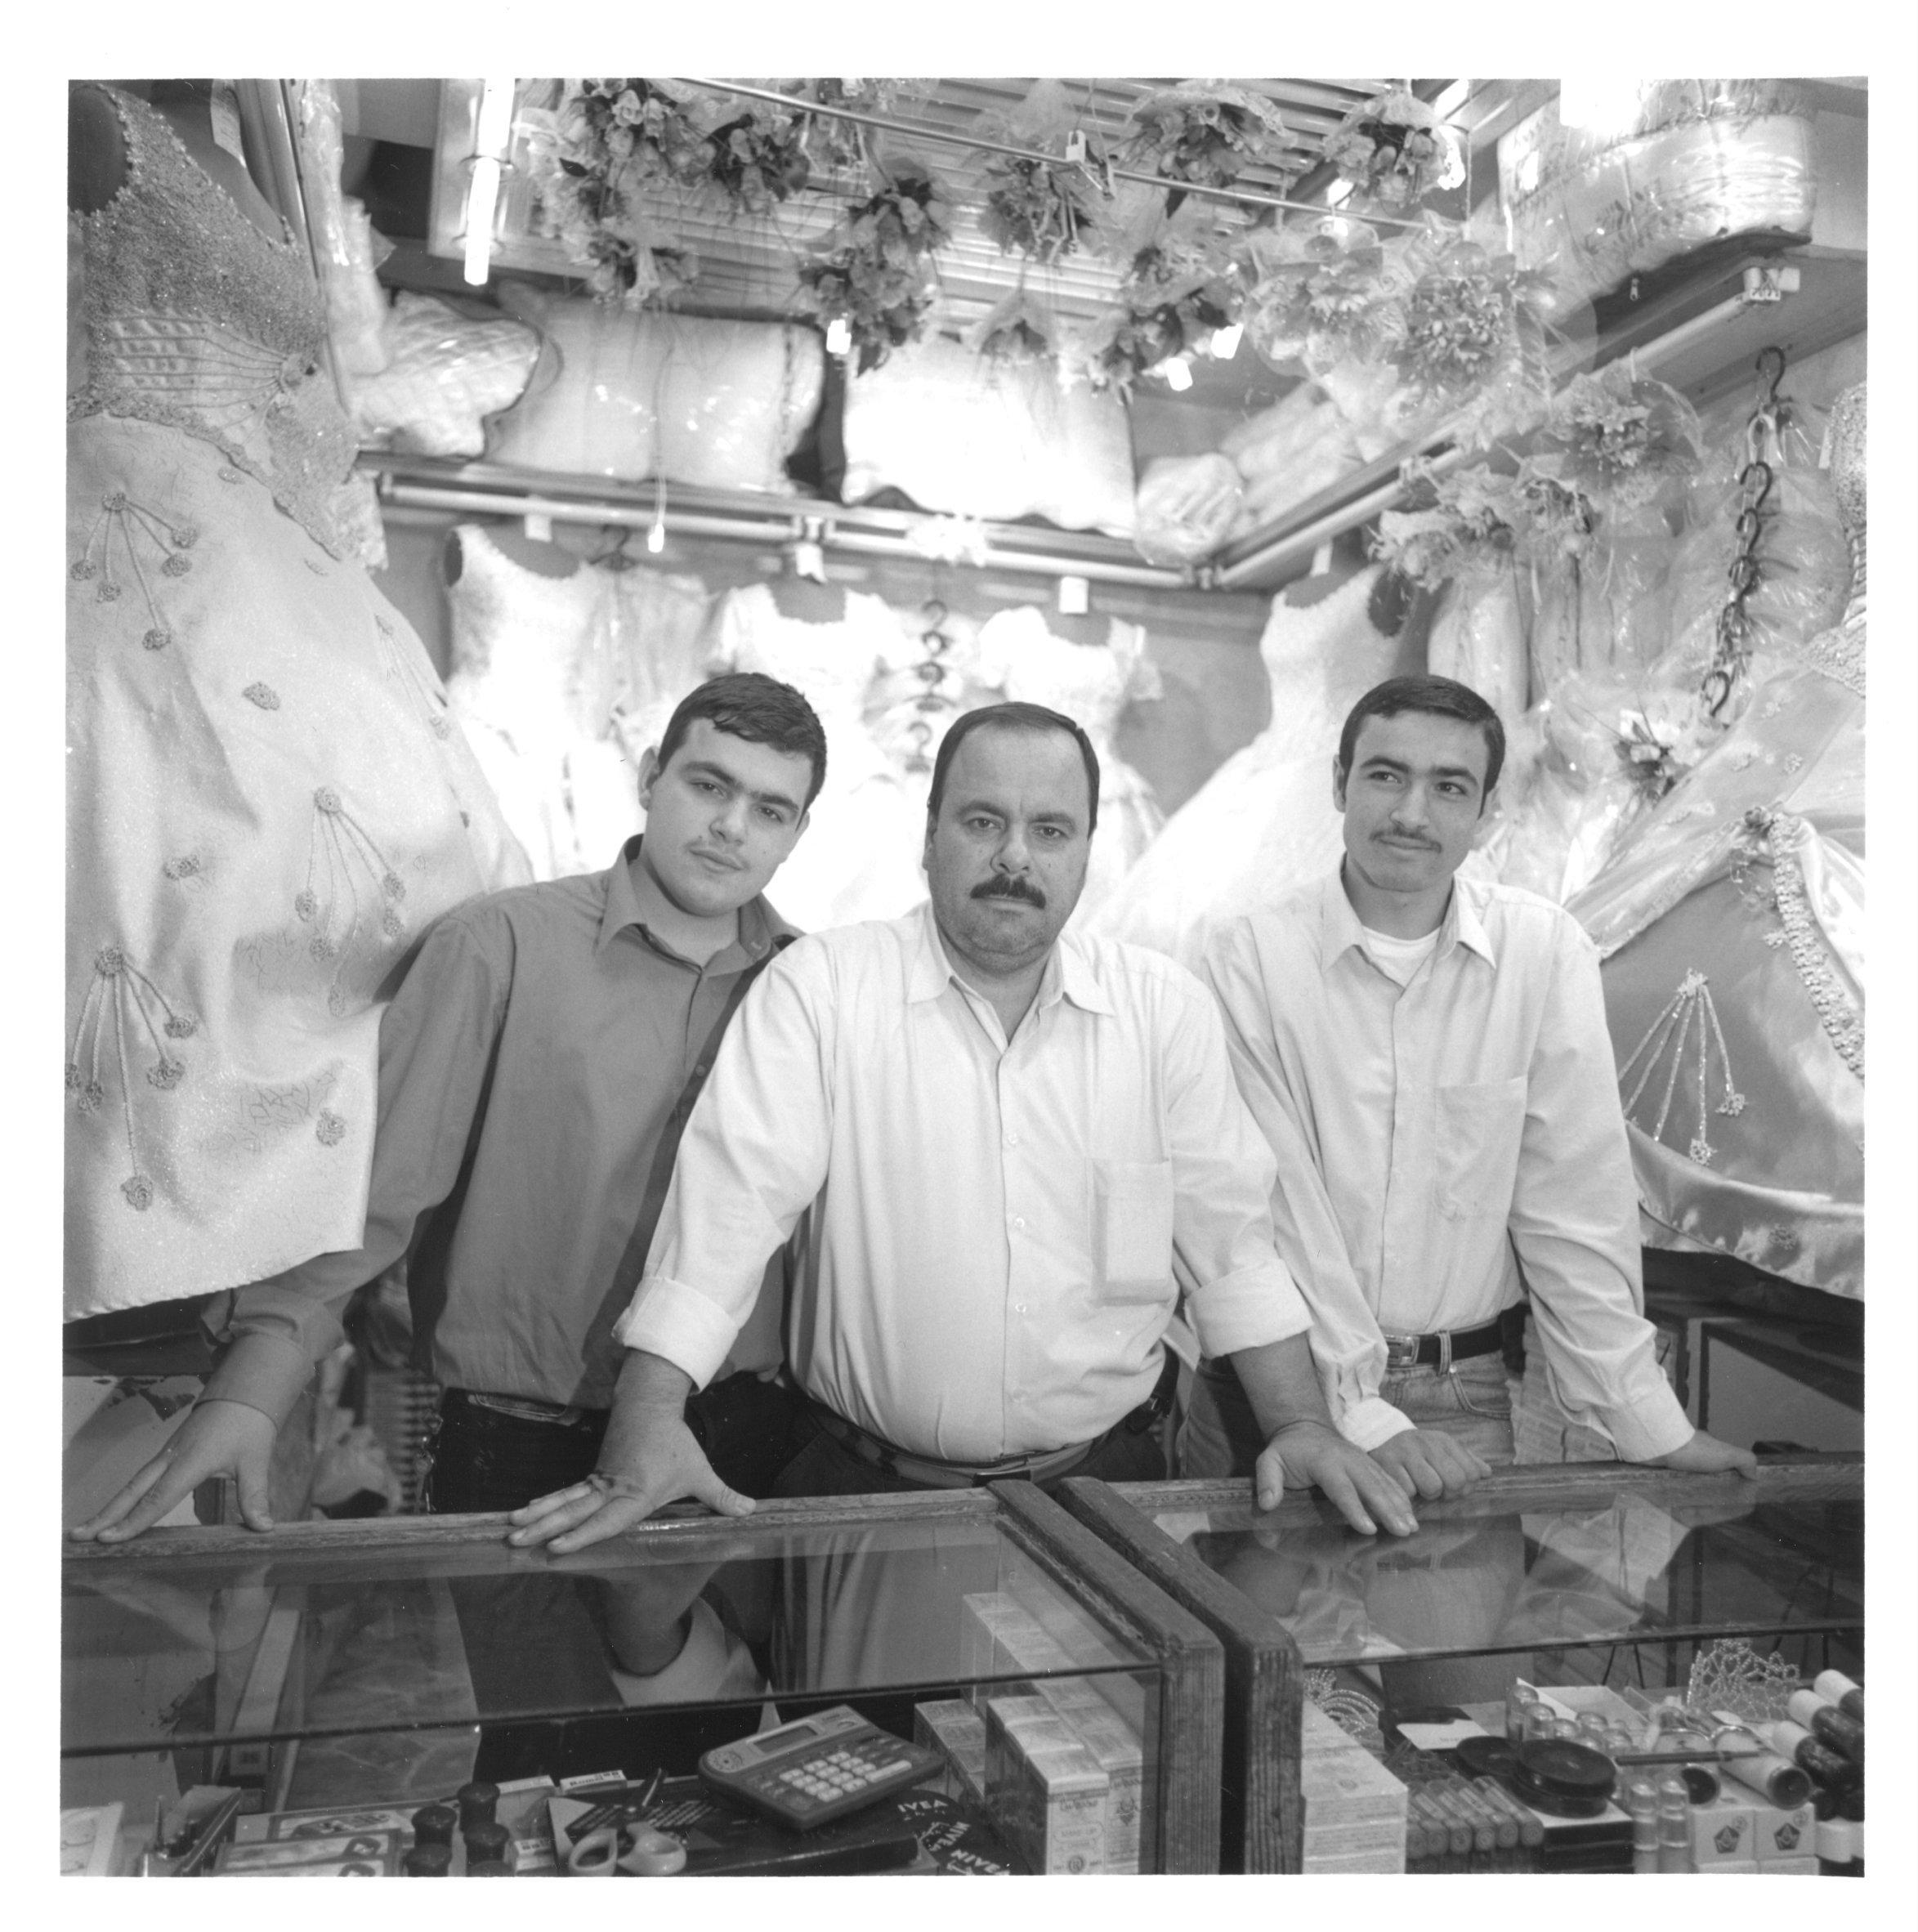 Muhammad Waraaq and sons Fadil and Abdelrahman